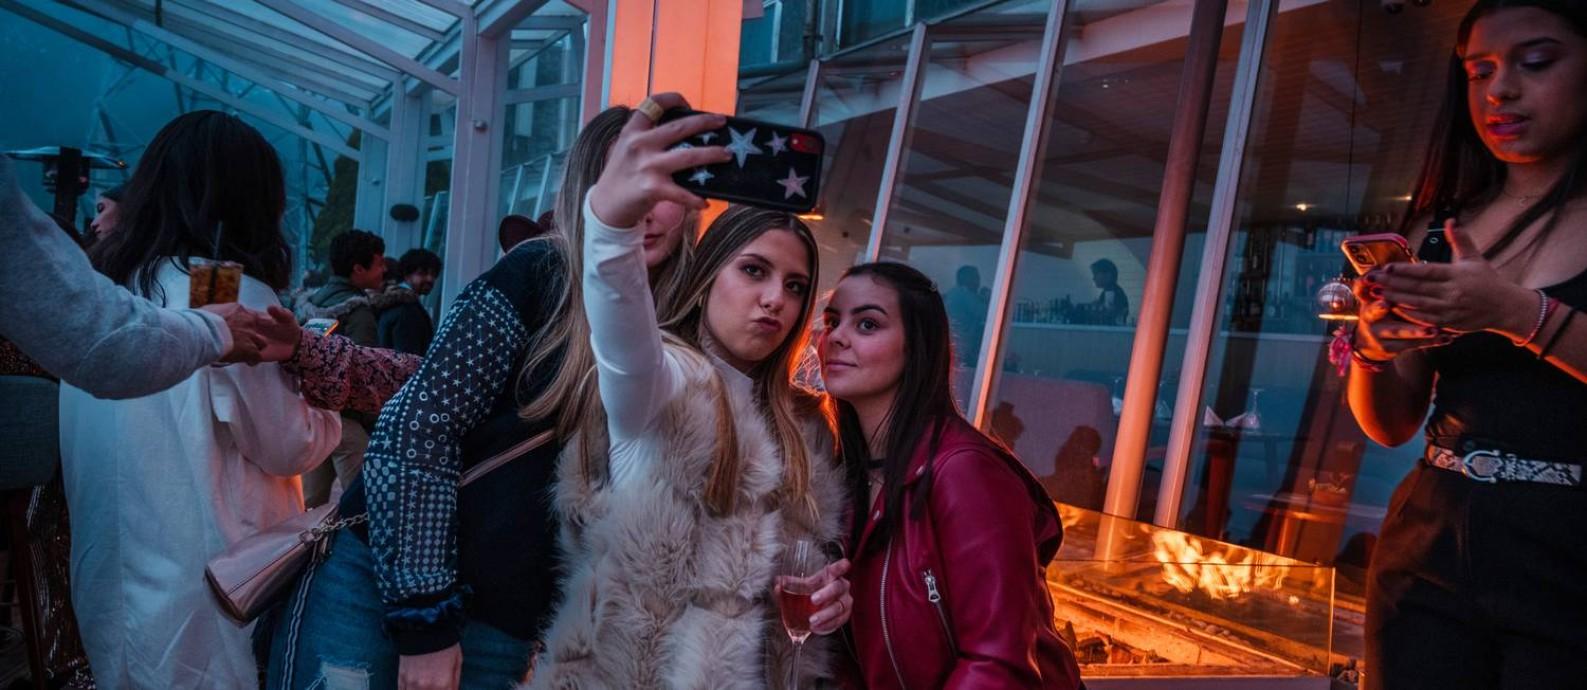 Adolescentes tiram uma selfie em uma festa de aniversário de 17 anos em um bar de Caracas Foto: ADRIANA LOUREIRO FERNANDEZ / NYT 20-12-19